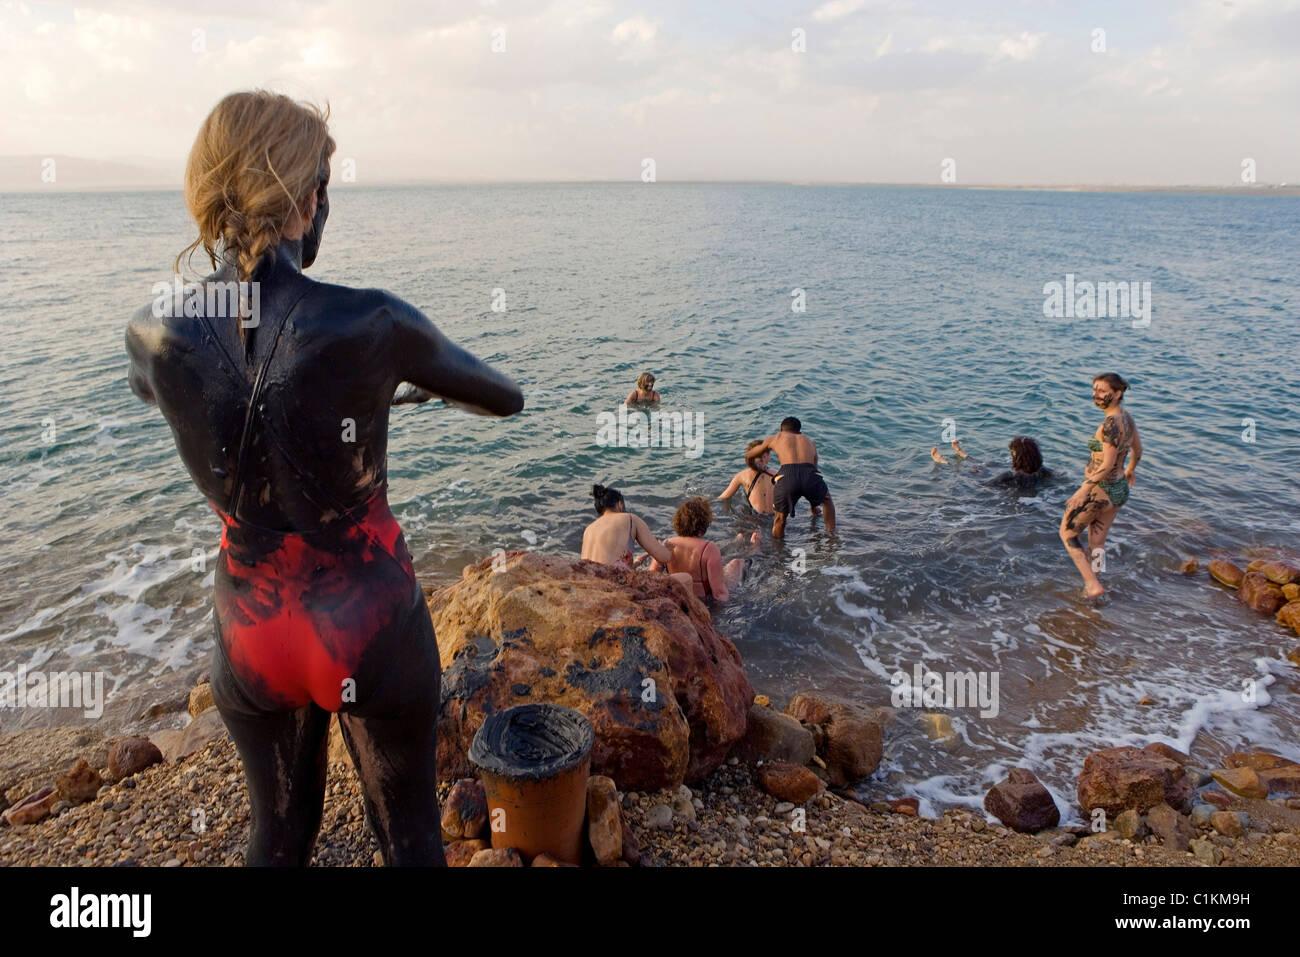 Jordan, Movenpick hotel and spa in the Dead Sea, Dead Sea ...